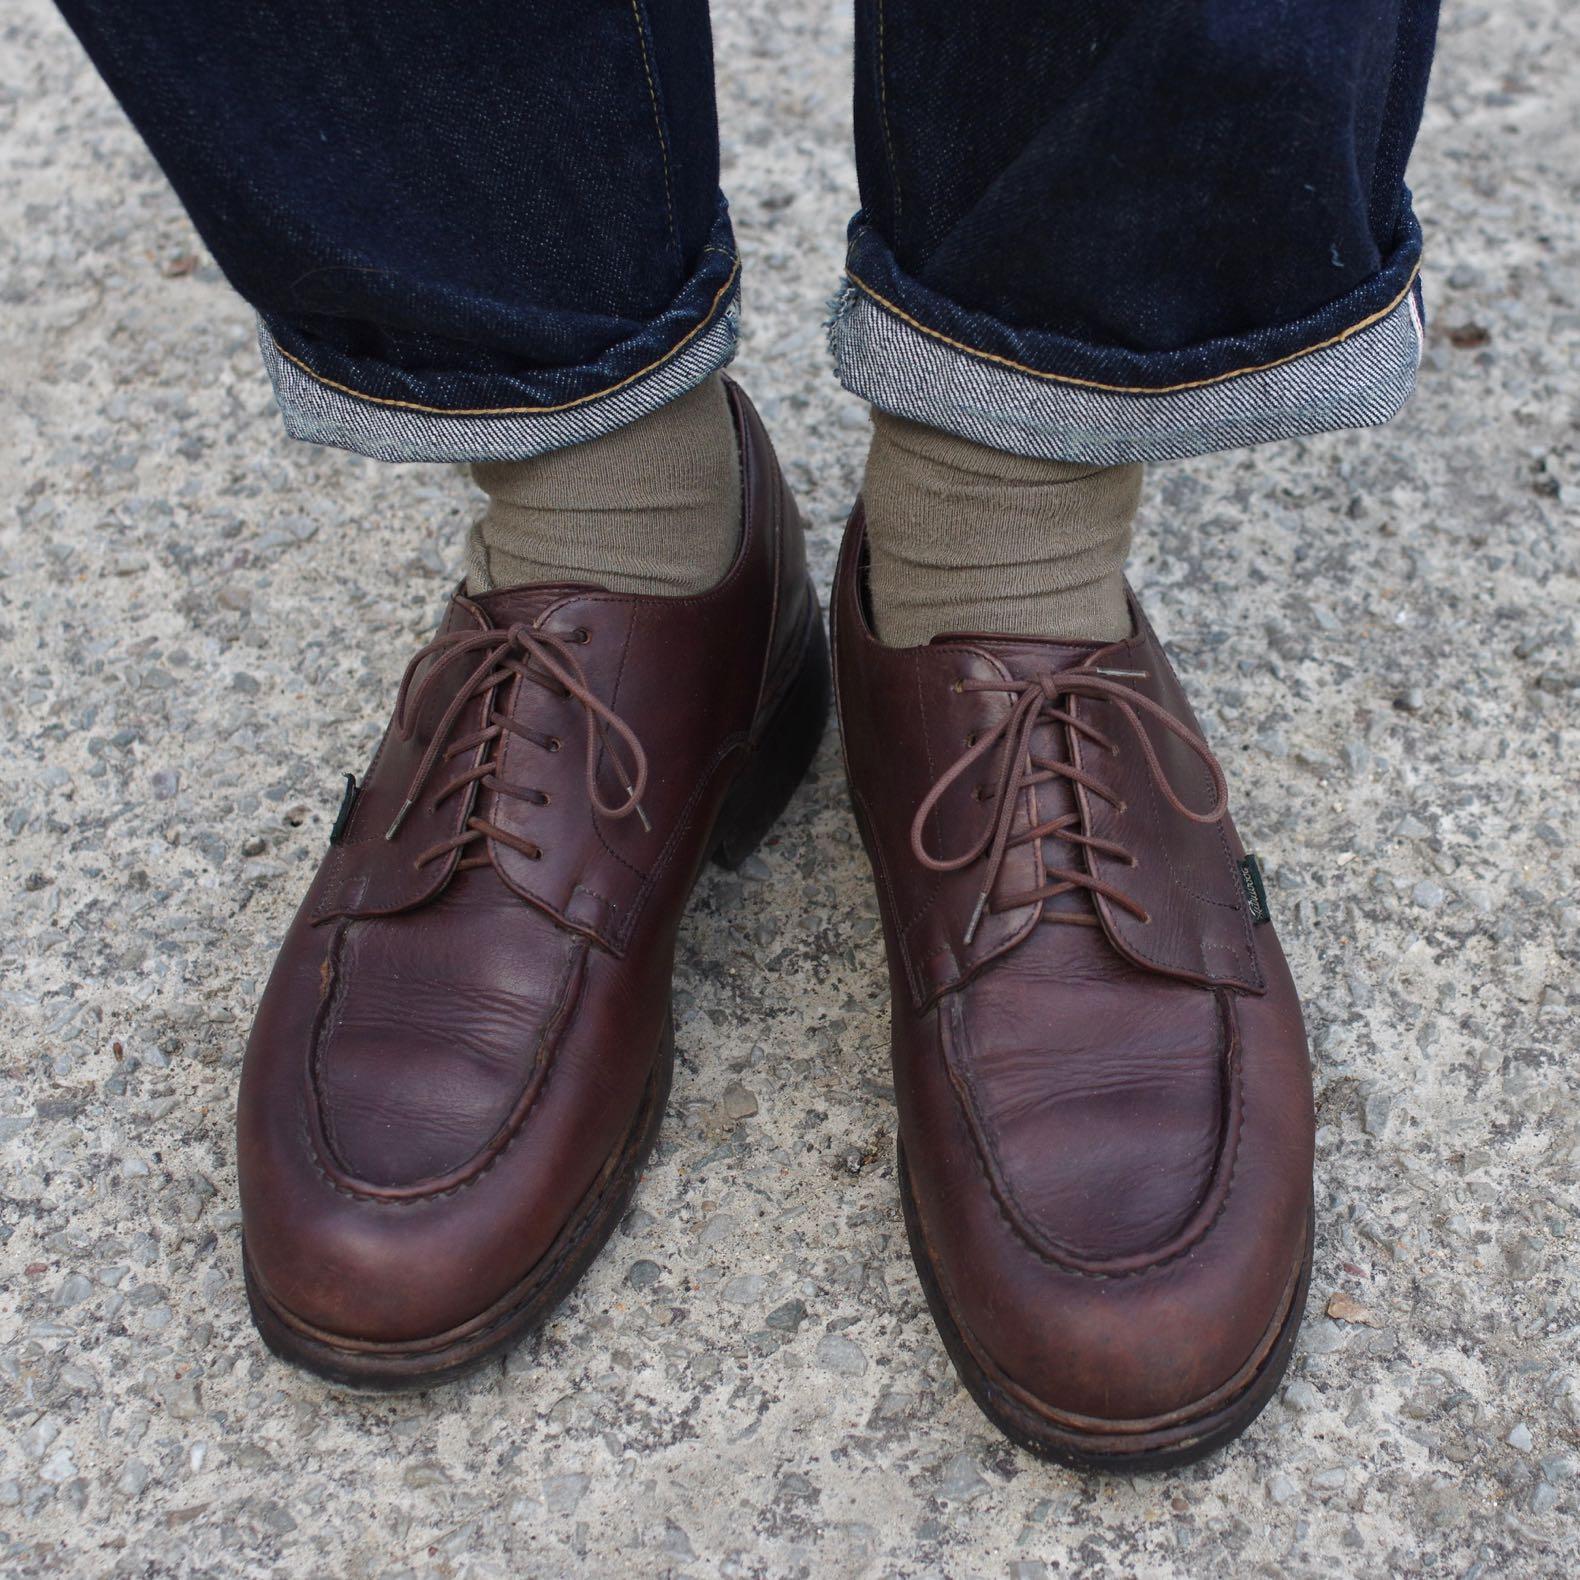 paire de chaussures en cuir marron made in france de la marque Paraboot modèle chambord